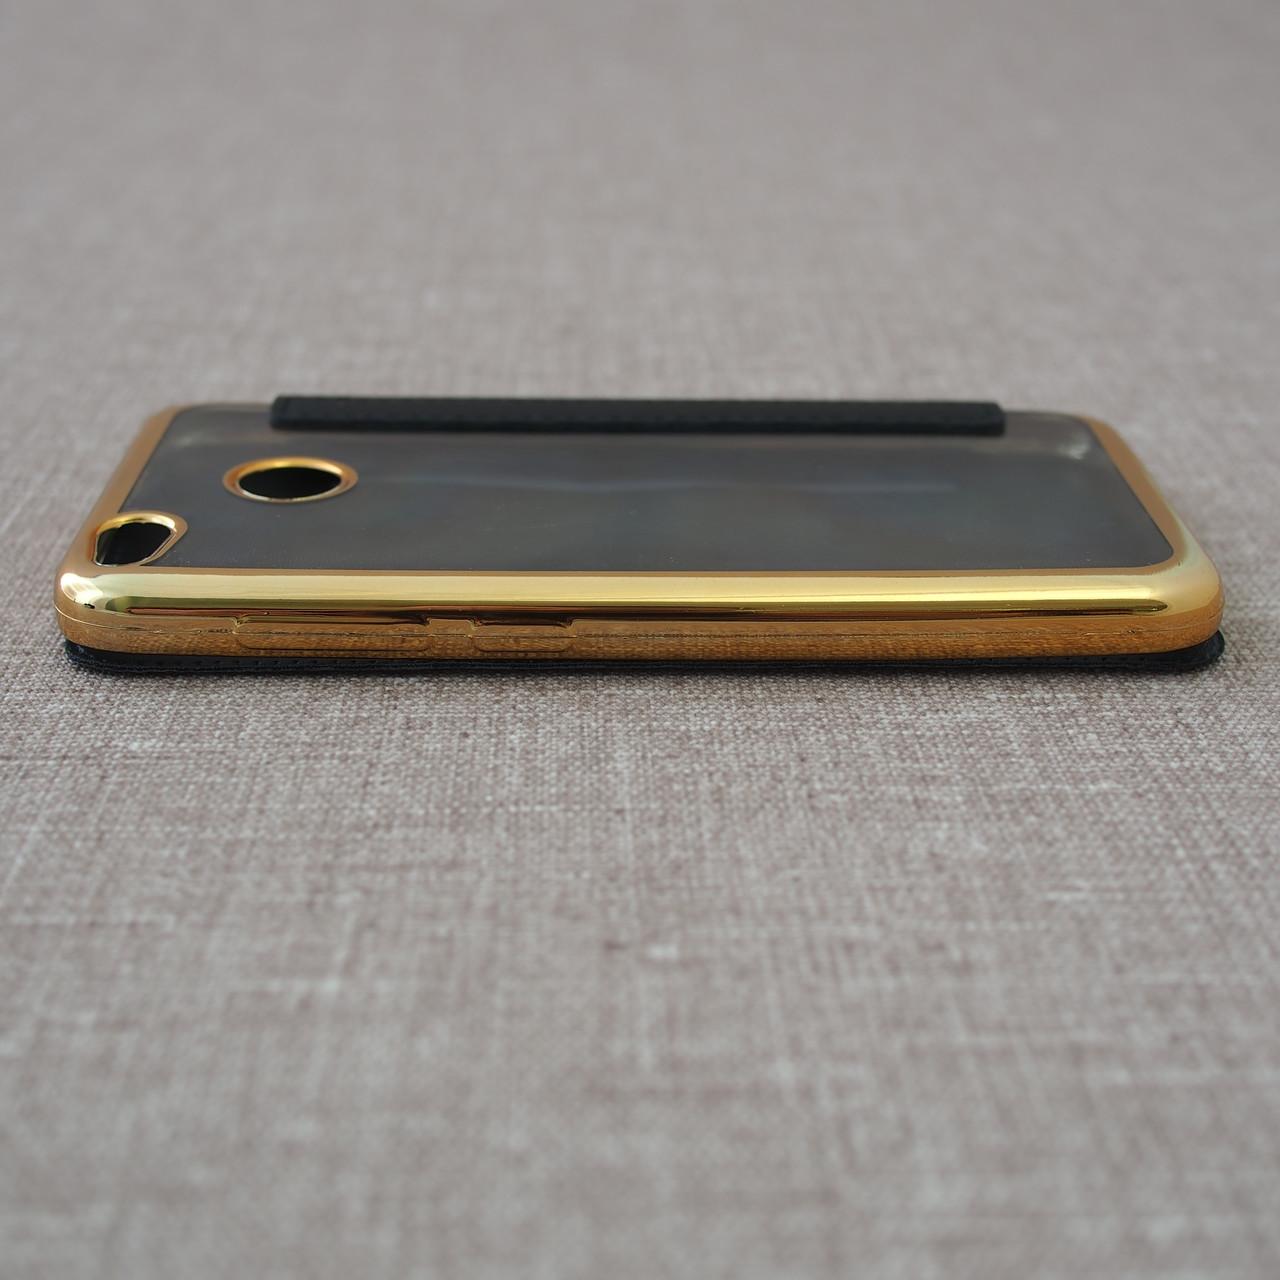 Чехлы для Xiaomi Redmi 4X Book Cover 4x black Для телефона Черный